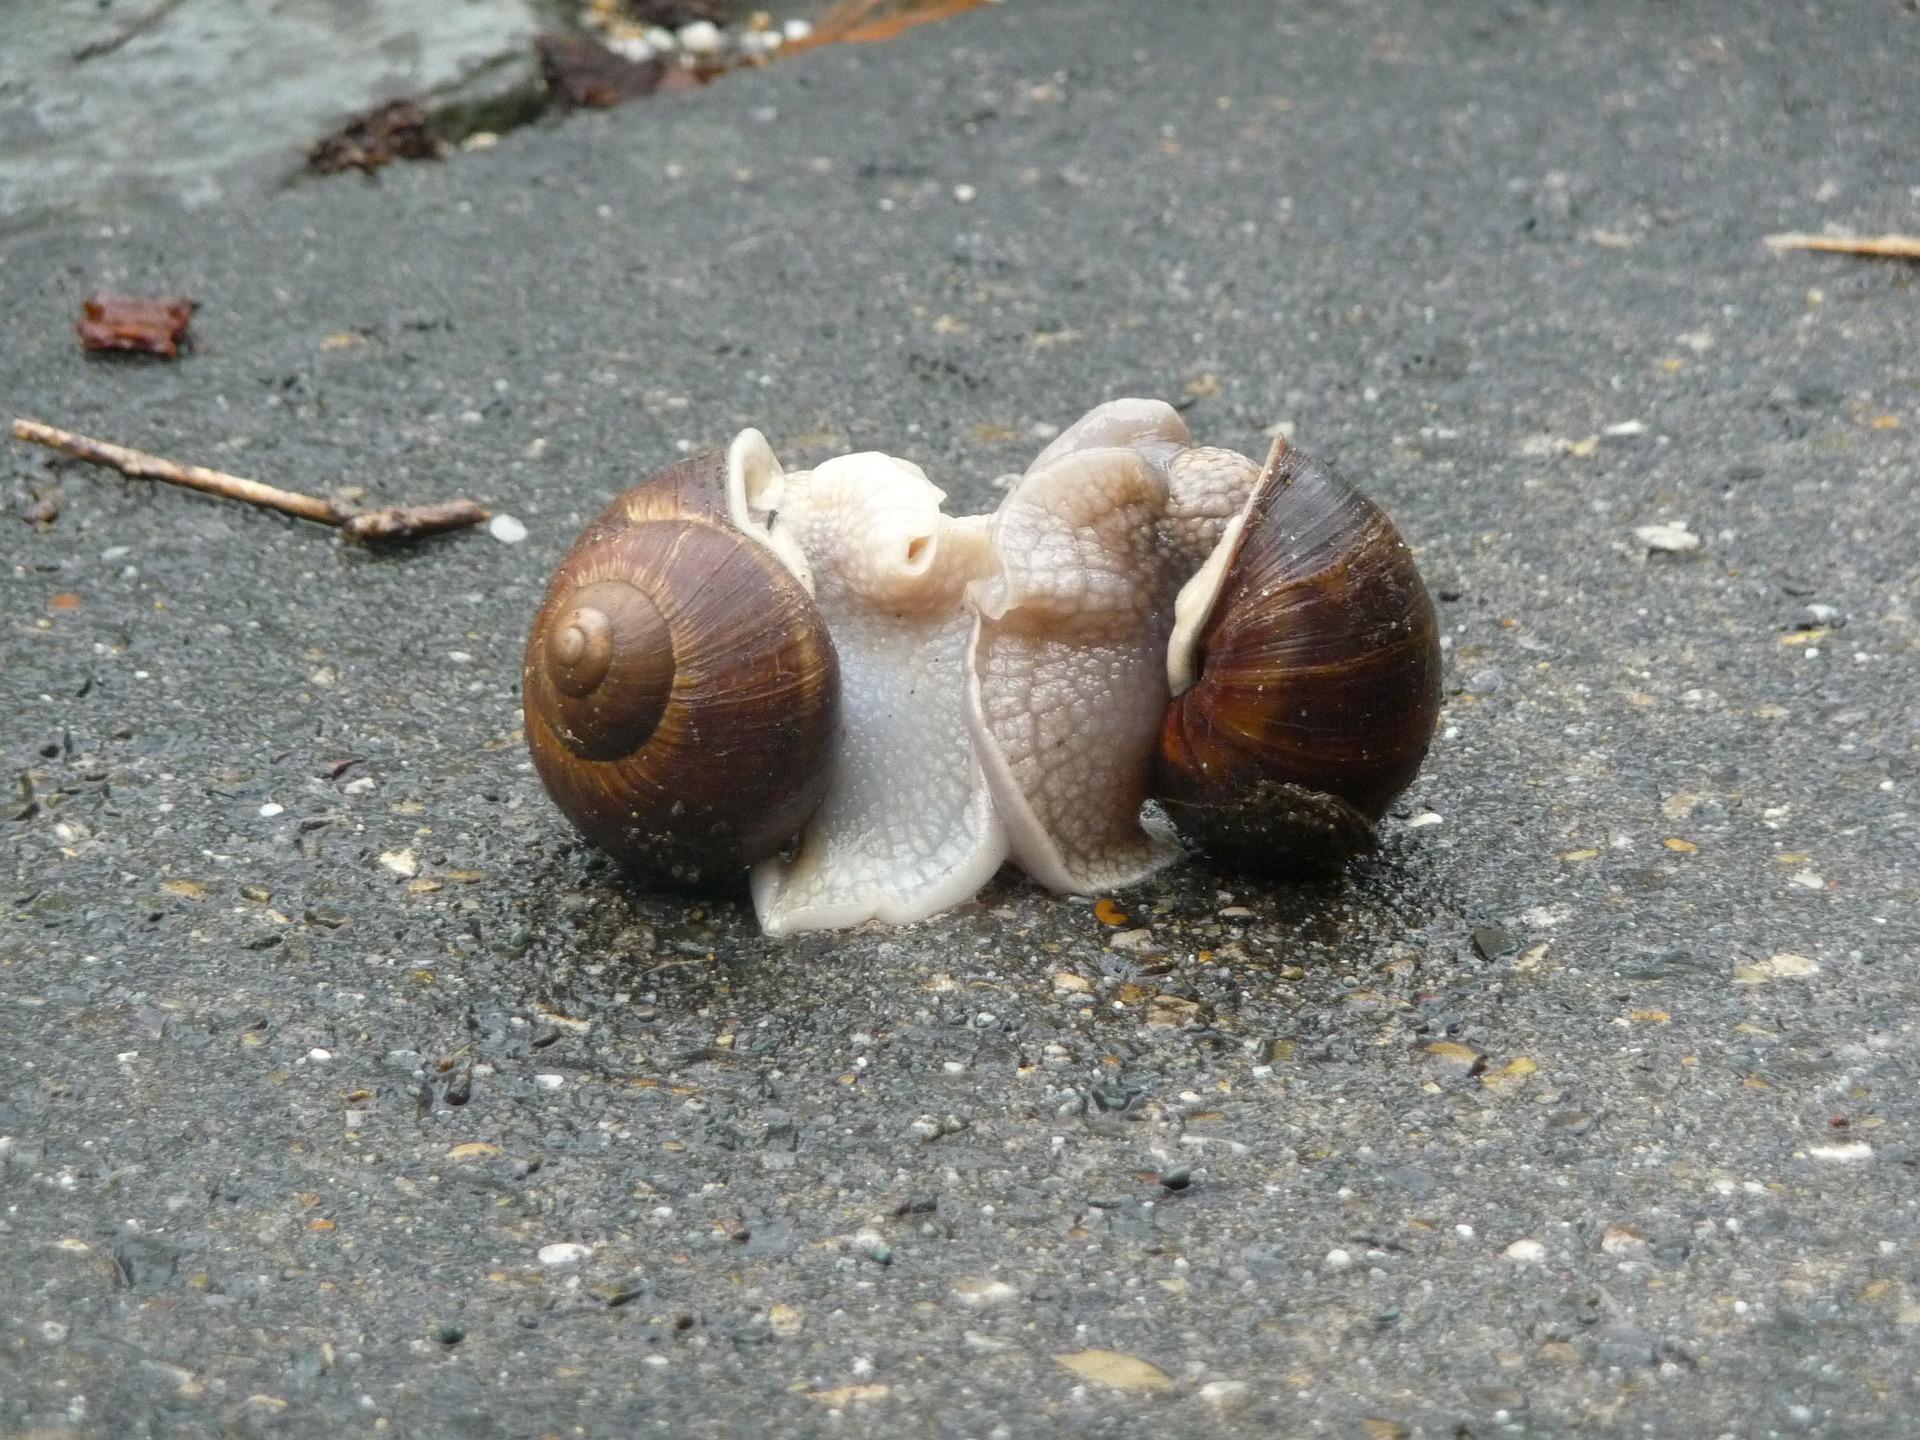 escargots 243303 1920 - Galipettes Cthulhoïdes